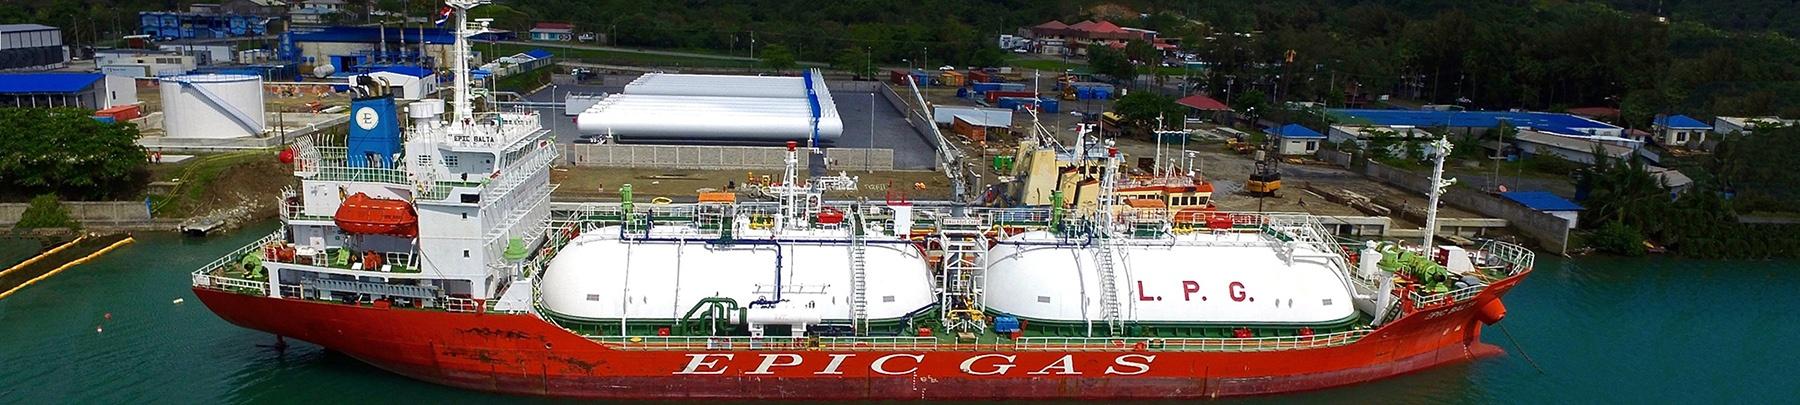 Tanques de almacenaje y Terminales de líquidos de gas natural (LGN) y terminales de propano (GLP) - construcción de ingeniería.jpg